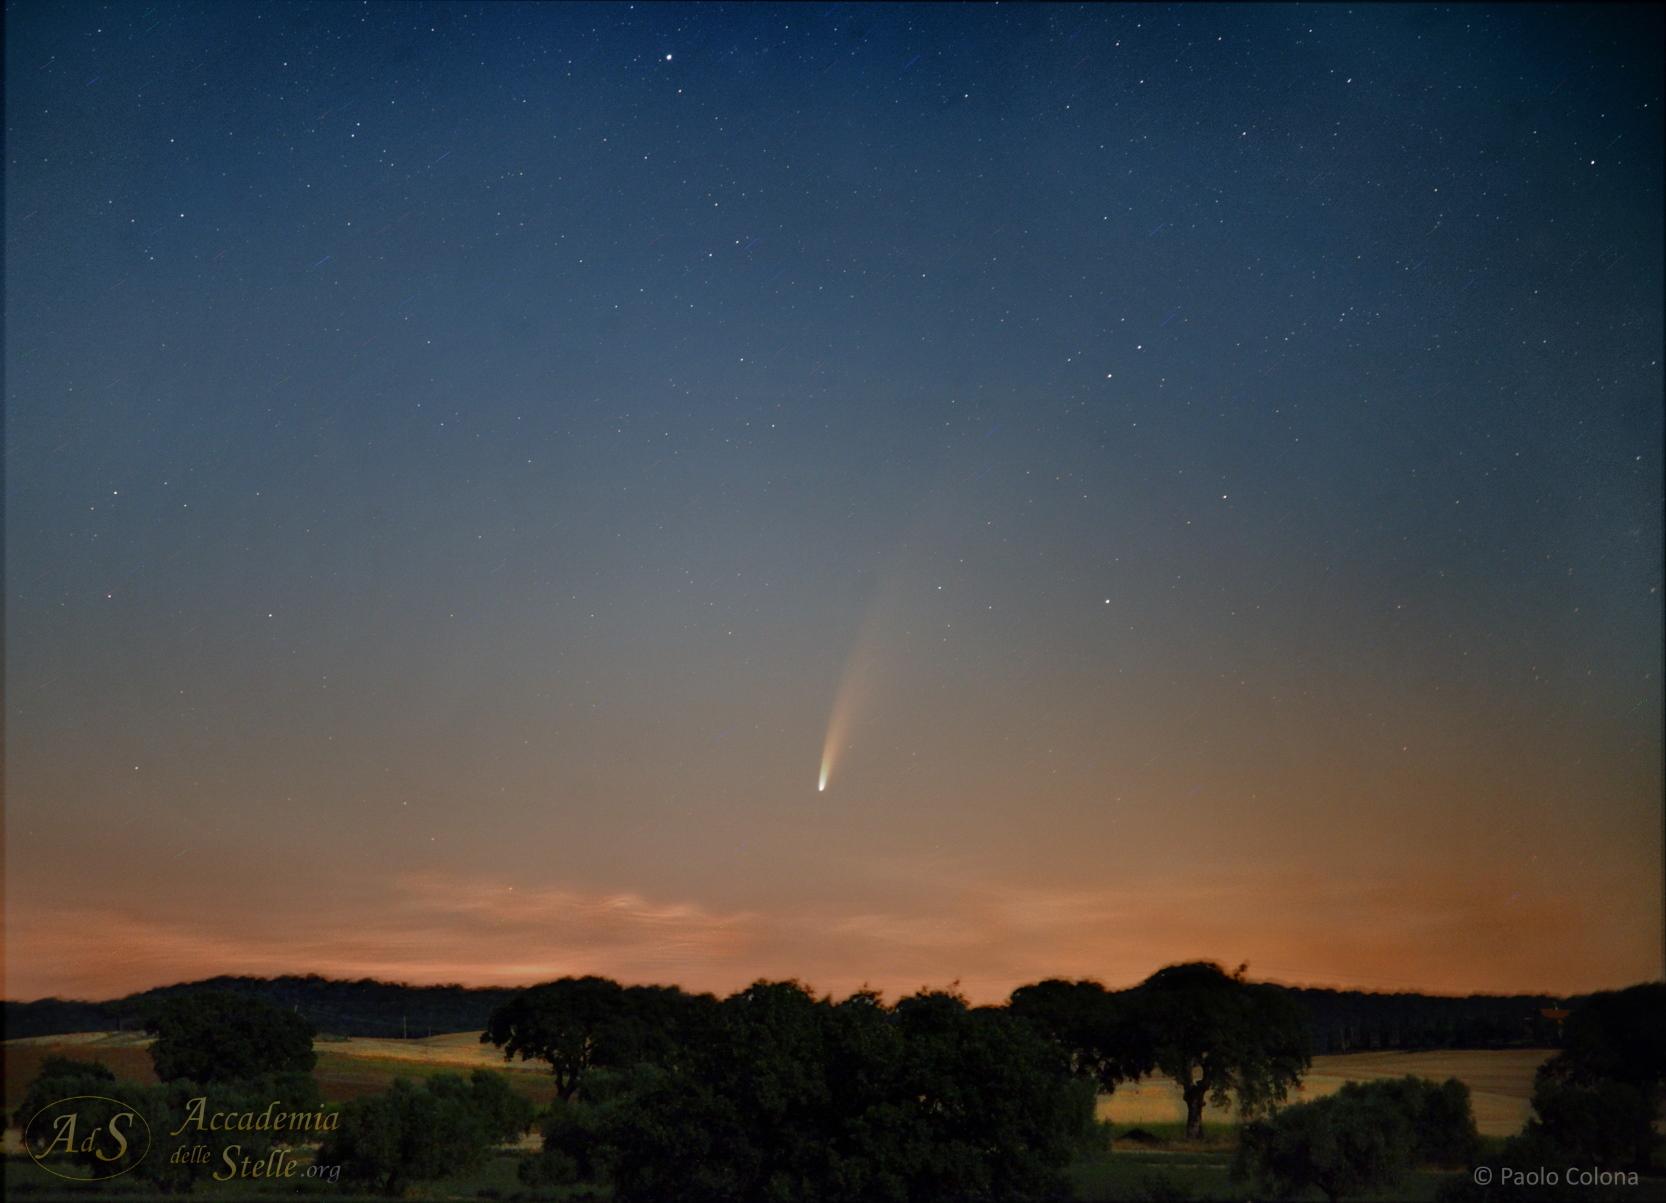 La cometa si alza sulla campagna della Tuscia (alto Lazio) prima dell'alba, l'8 luglio. Sotto di essa, all'orizzonte, si notano le rarissime nubi nottilucenti. Dati tecnici: Canon Eos 5D II, obbiettivo 24-105 @105, f/4, 15 scatti da 4s, 6400 ISO non inseguita © Paolo Colona